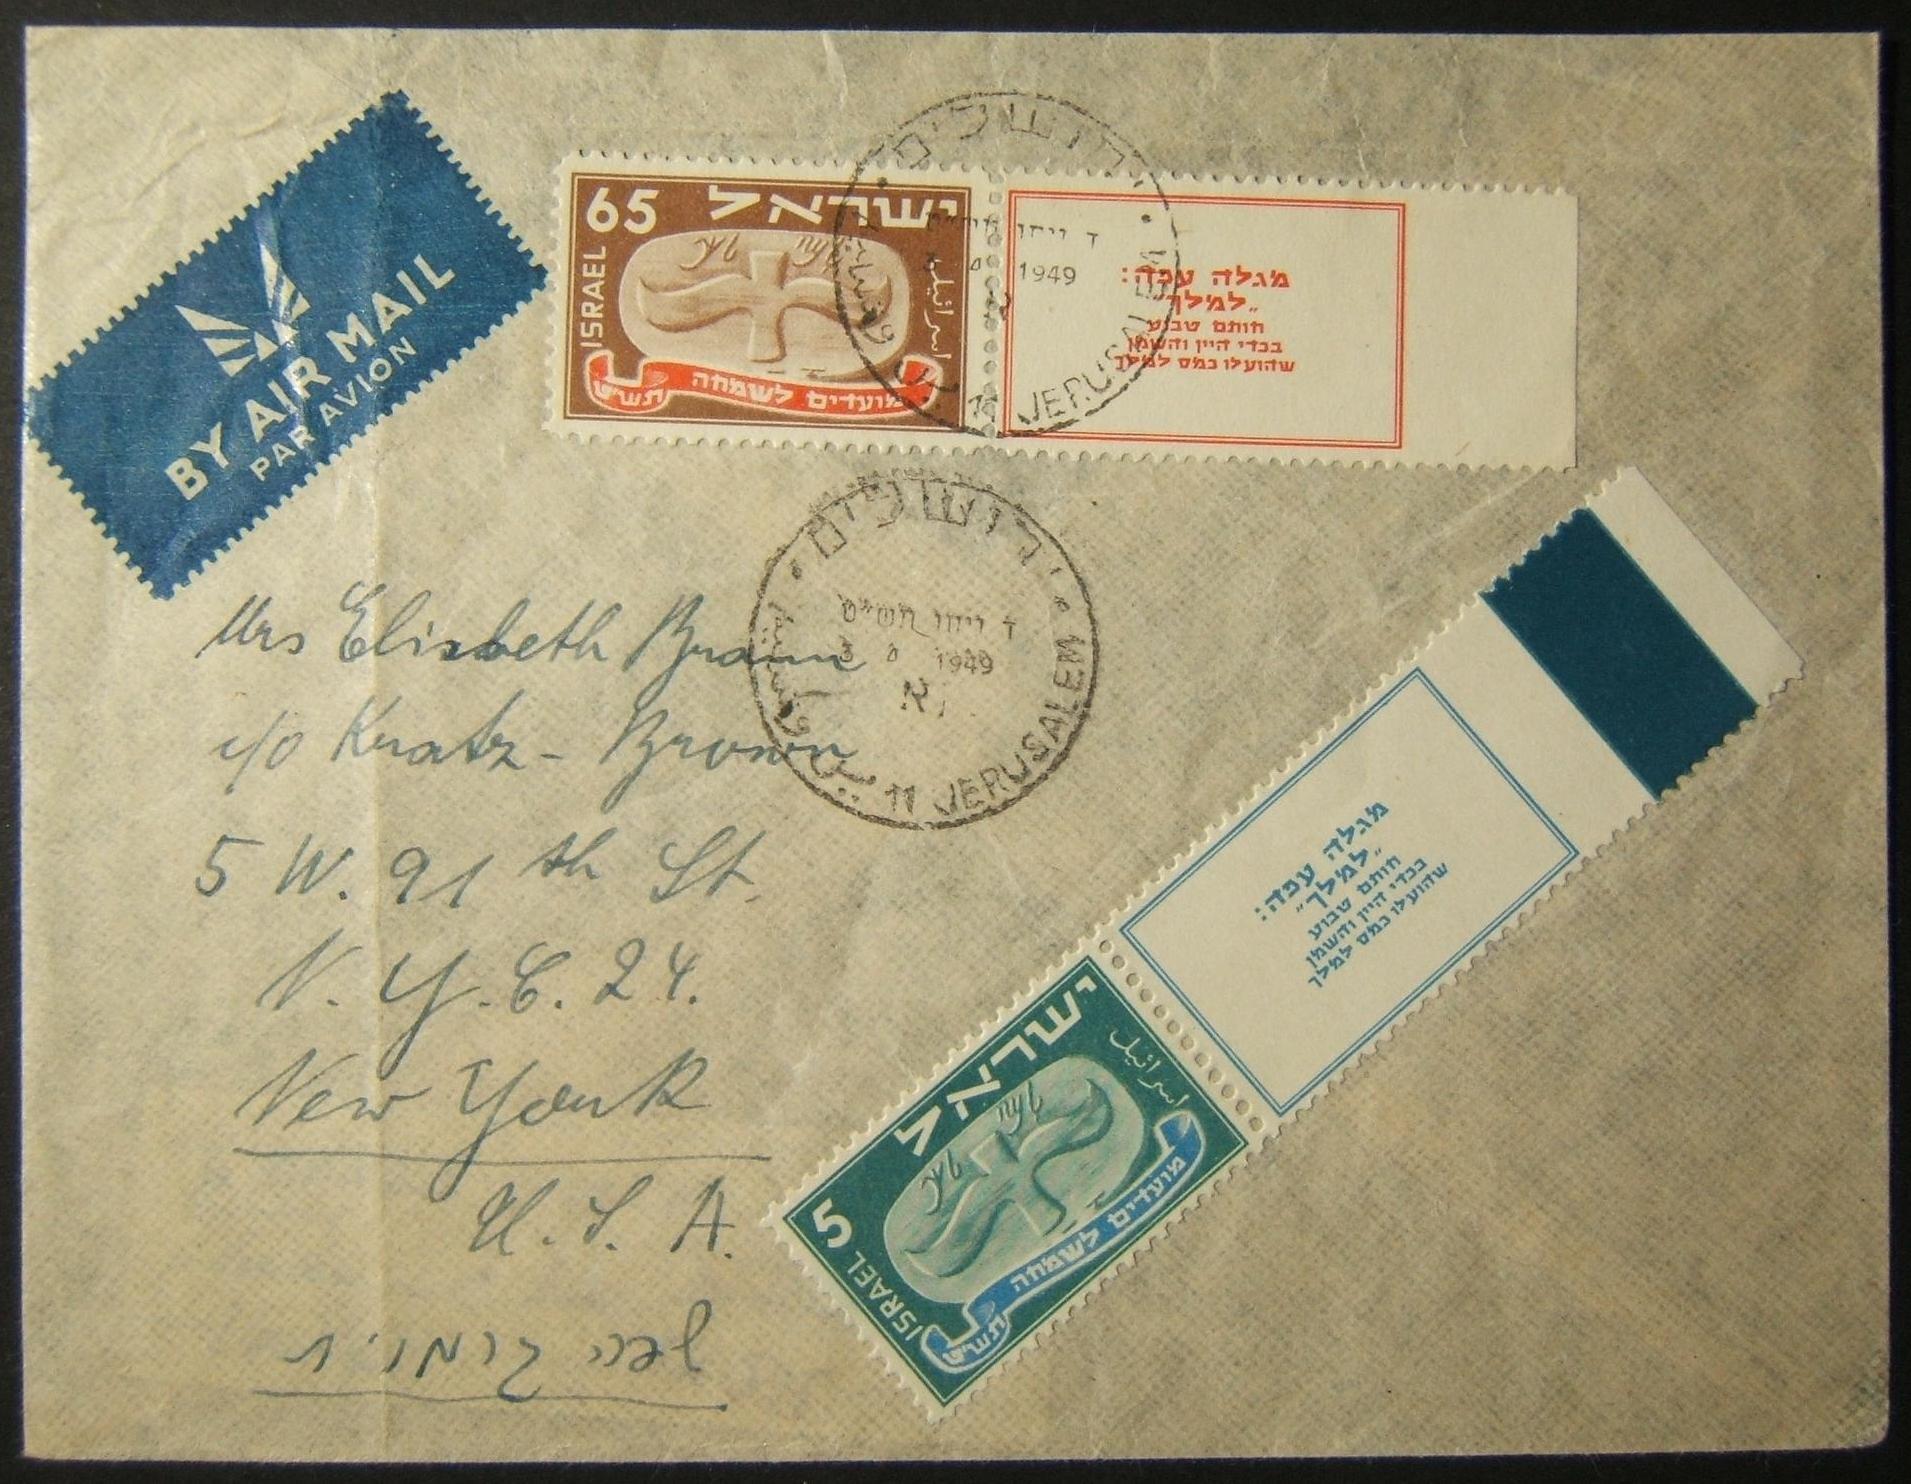 4/1949 إرسال بريد إلكتروني إلى الولايات المتحدة مع طوابع قصيرة على هيئة 65Pr و 5pr طائر